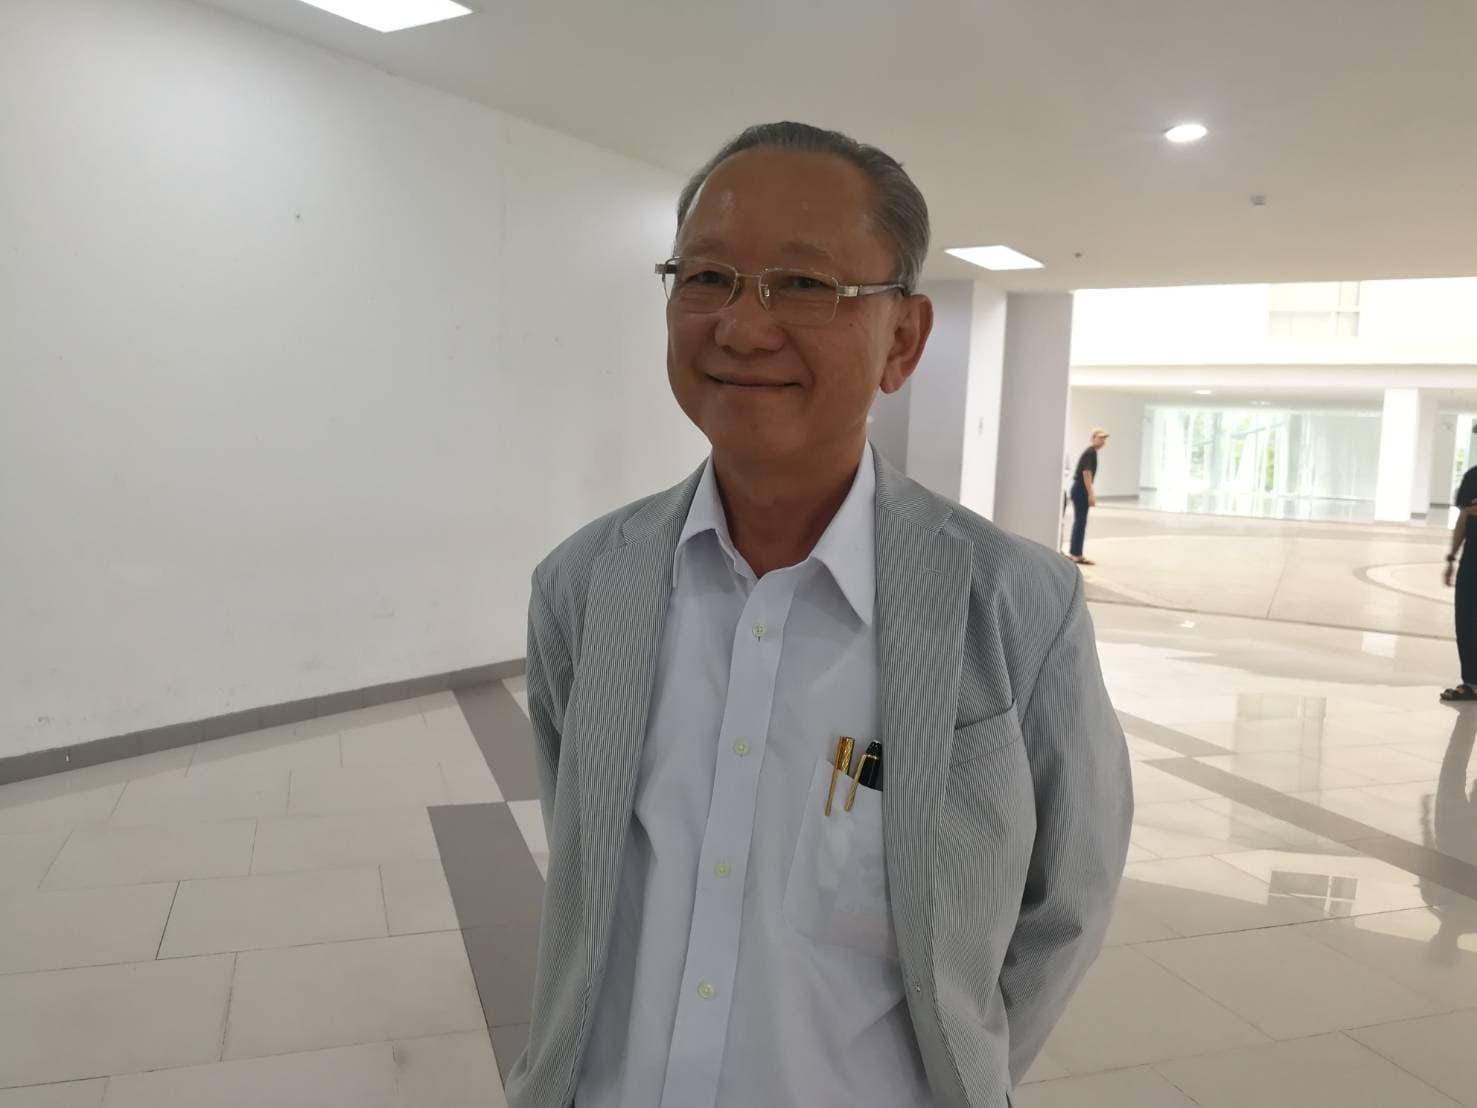 รองศาสตราจารย์ ดร.สังศิต พิริยะรังสรรค์ คณบดีวิทยาลัยนวัตกรรมสังคม มหาวิทยาลัยรังสิต